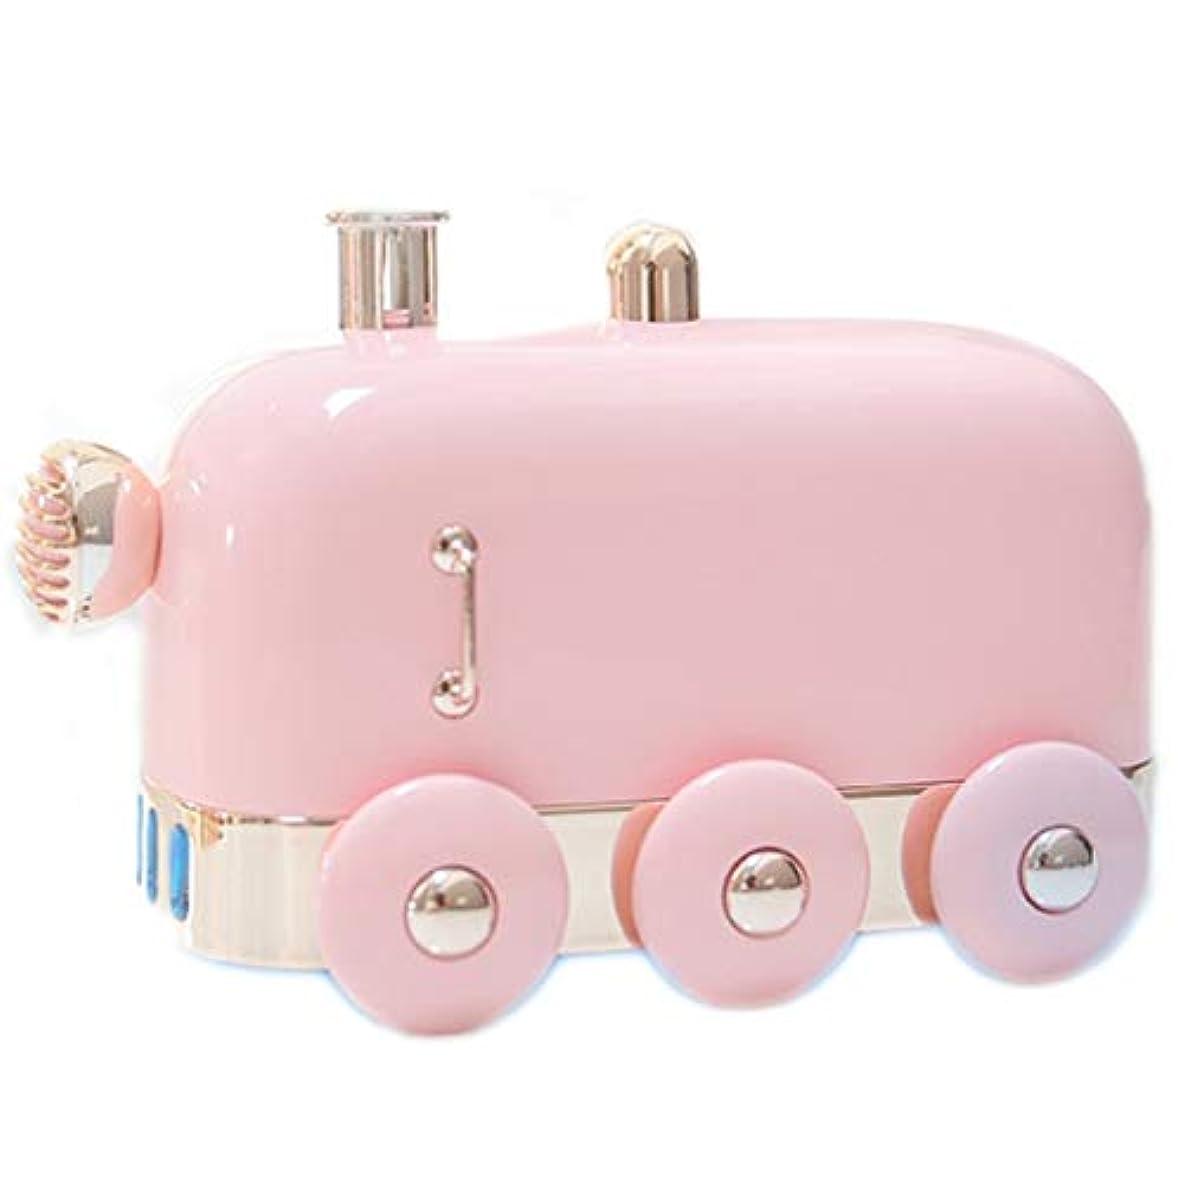 ひまわり効果慢性的アロマセラピーエッセンシャルオイルディフューザー、アロマディフューザークールミスト加湿器ウォーターレスオートシャットオフホームオフィス用ヨガ (Color : Pink)